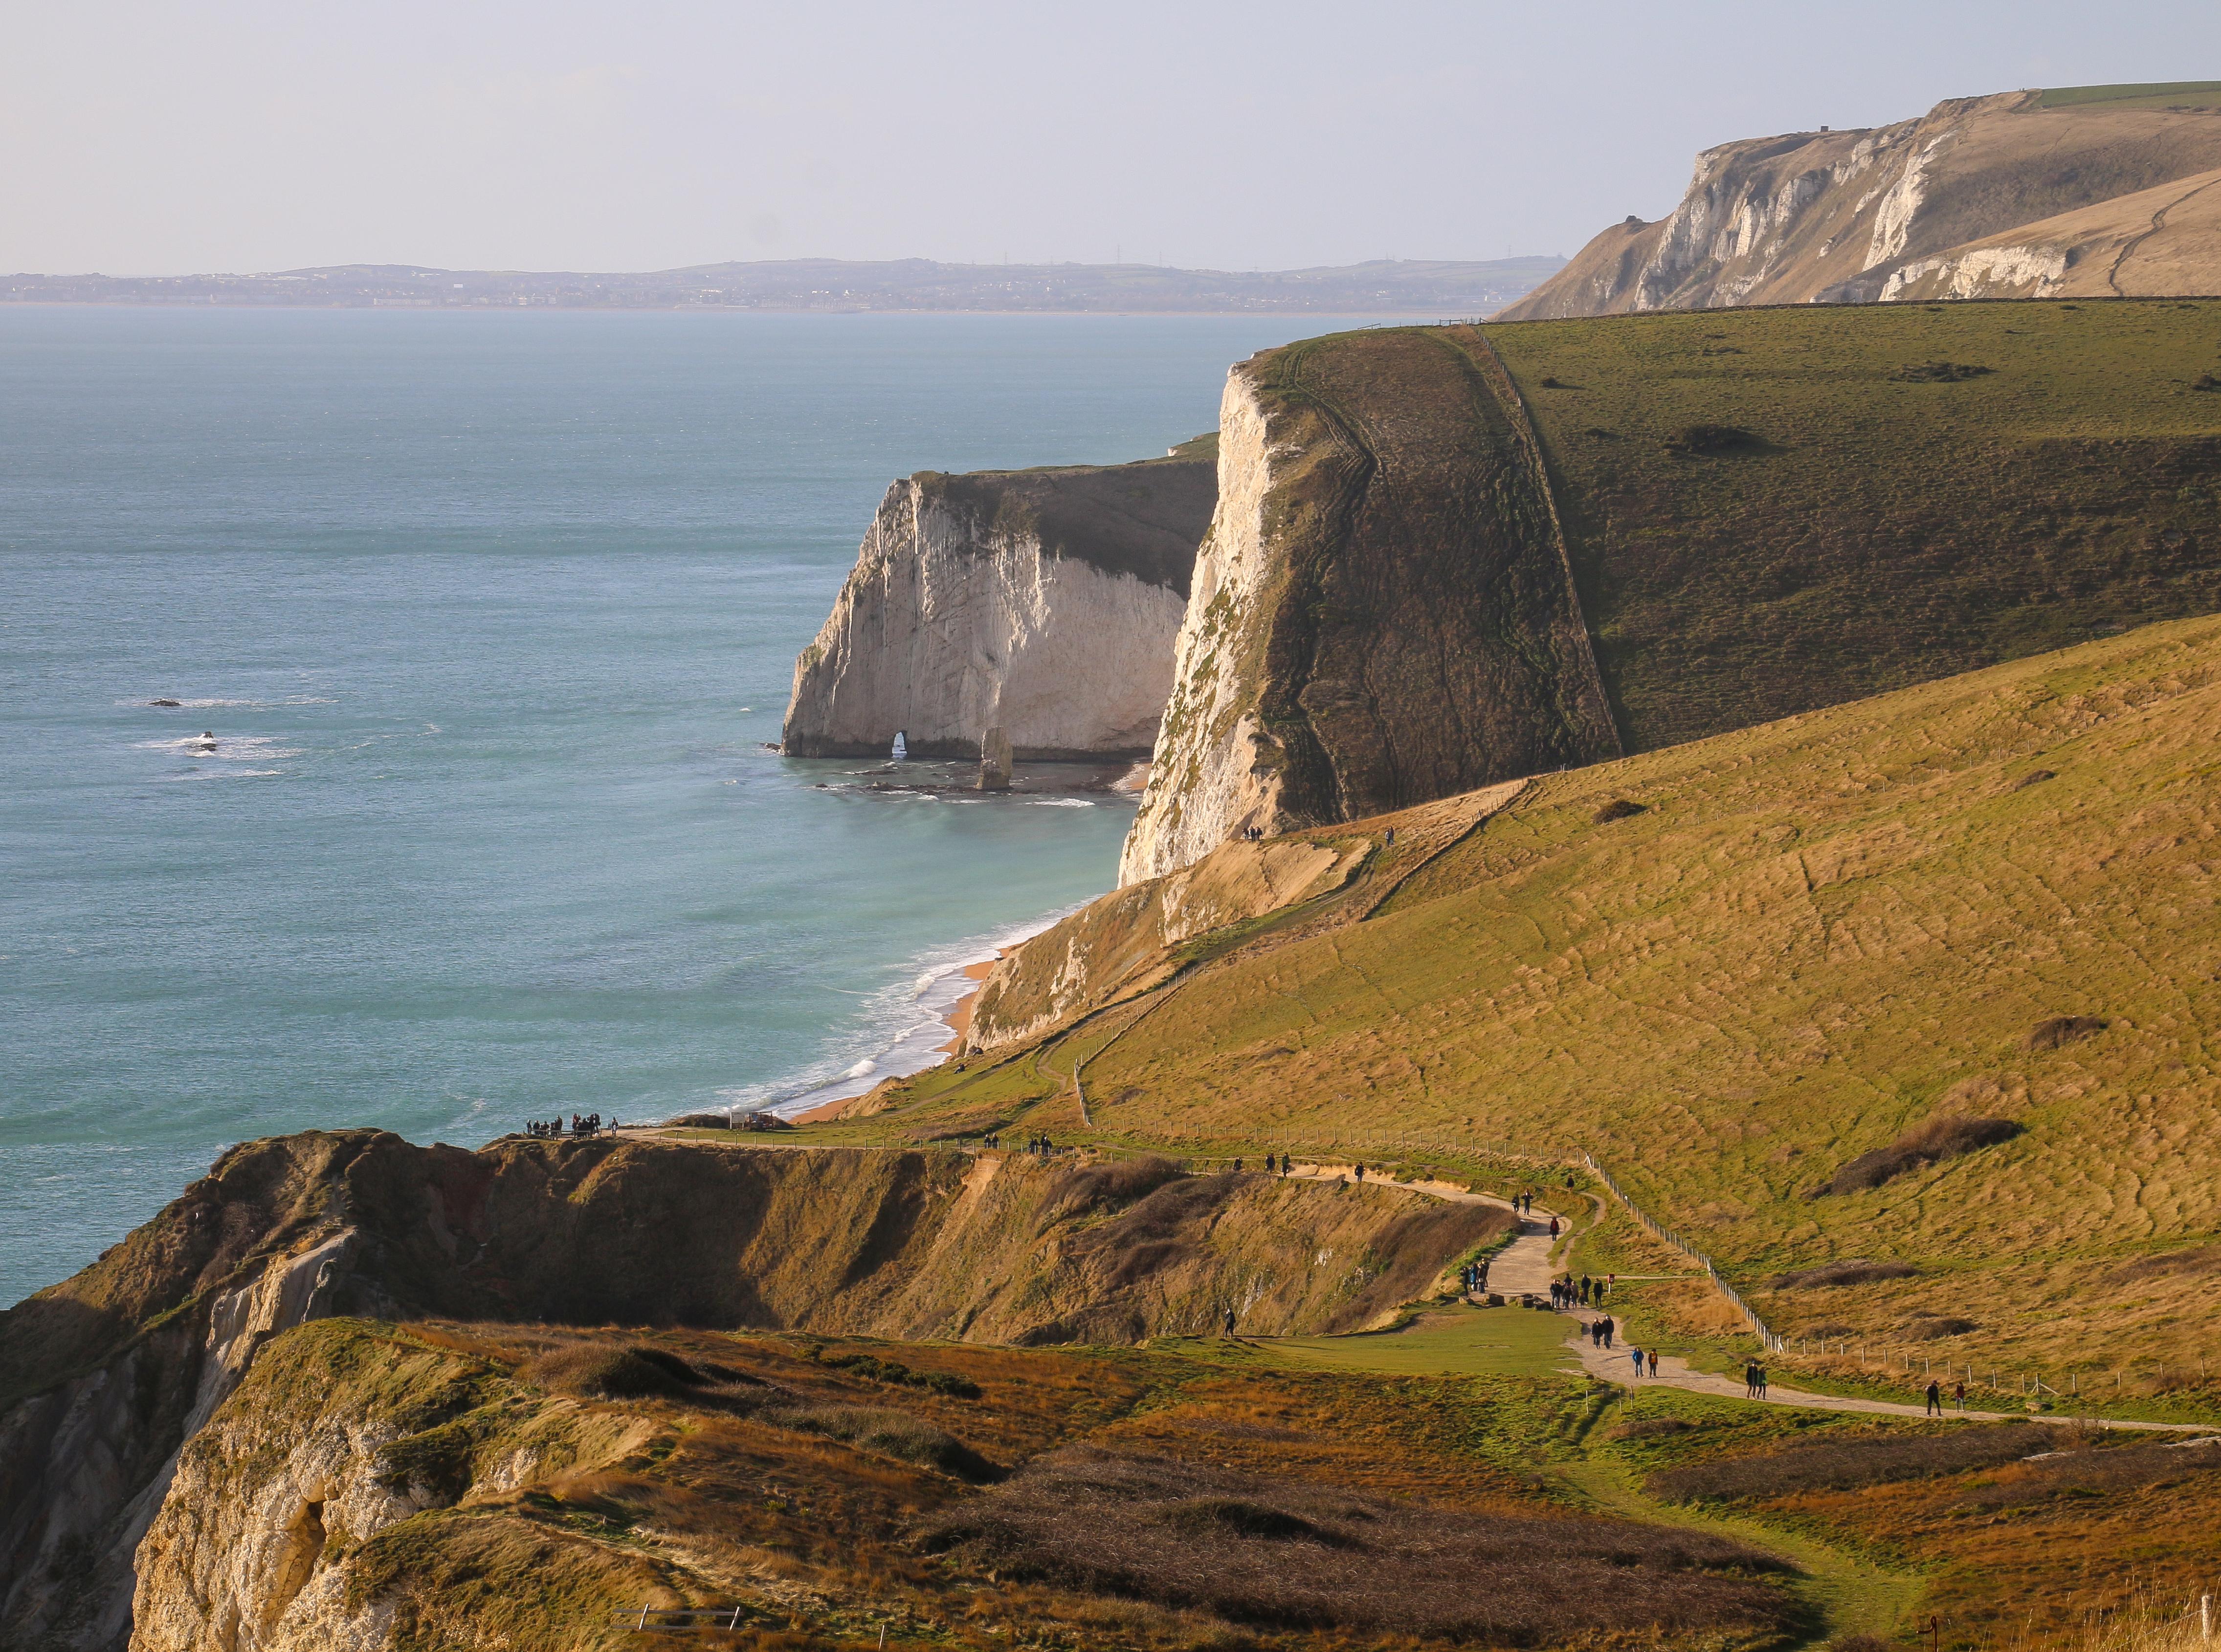 jurassic coast_chris parker via flickr